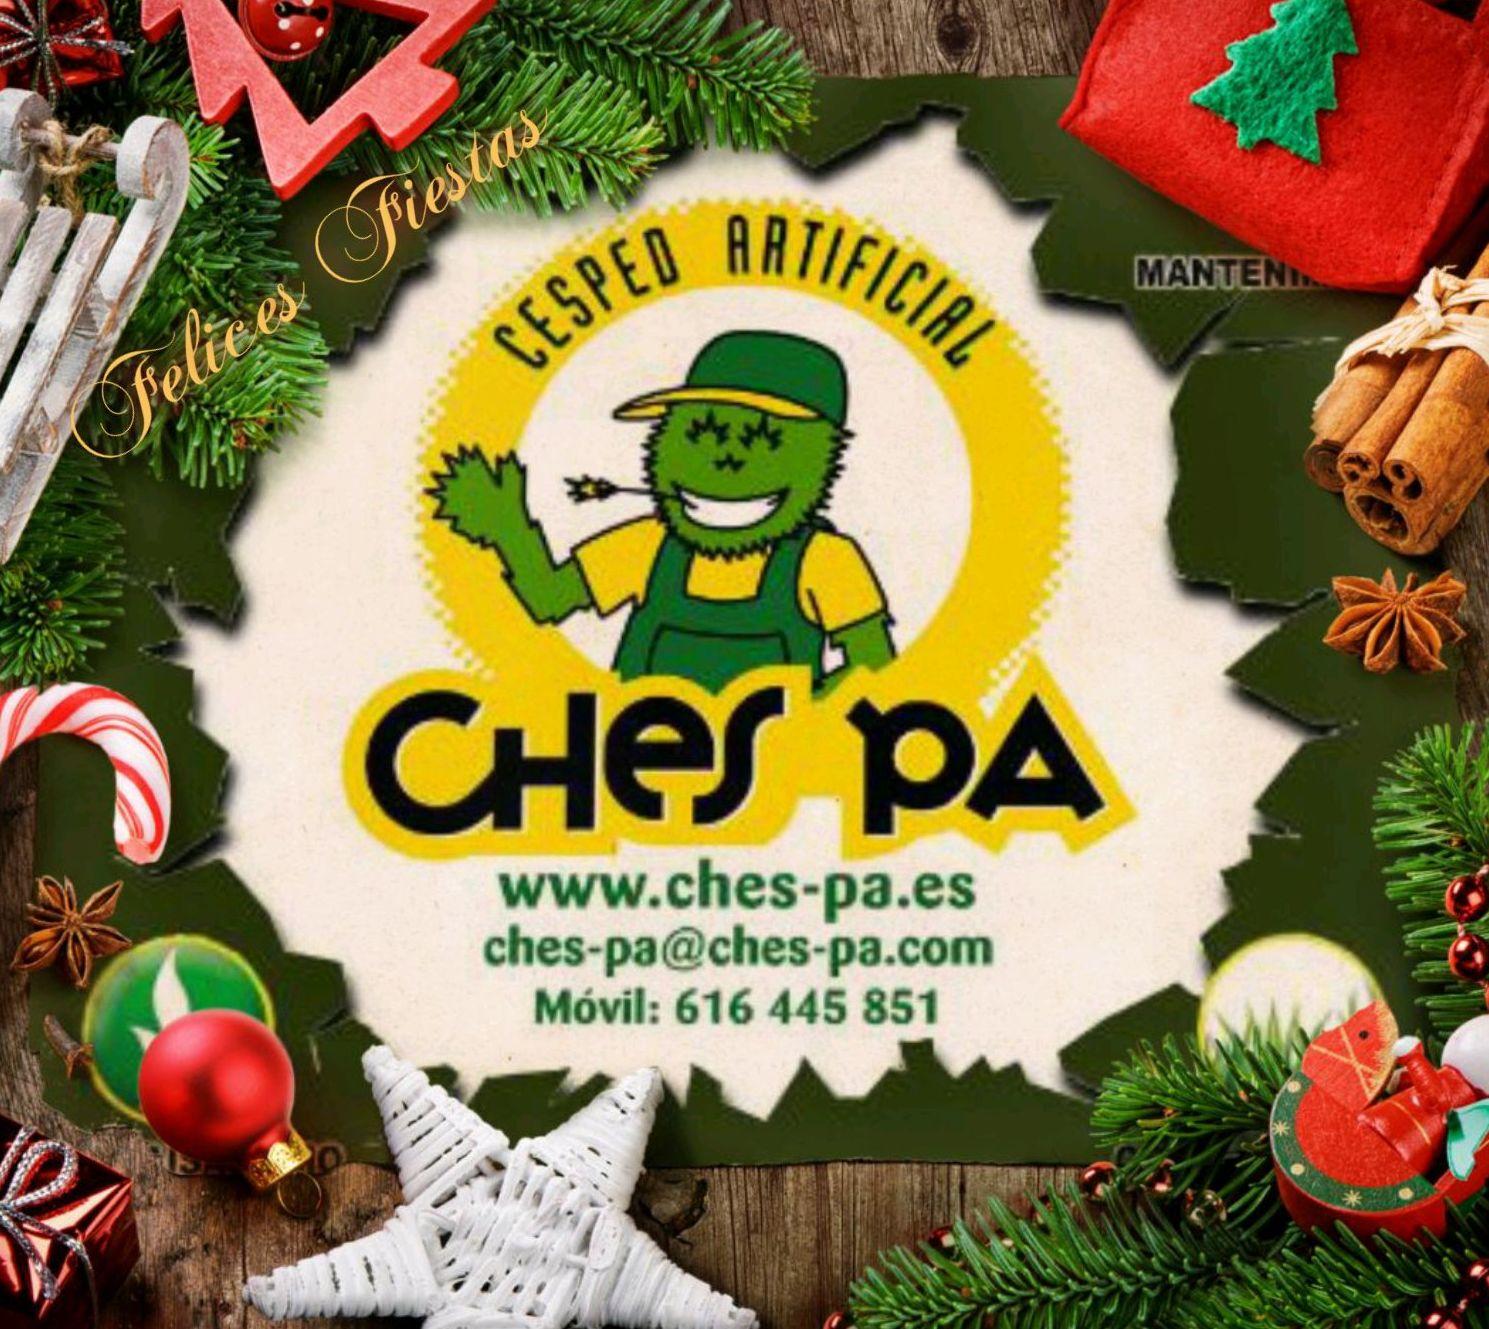 El equipo de Ches Pa, os desea unas Felices Fiestas.